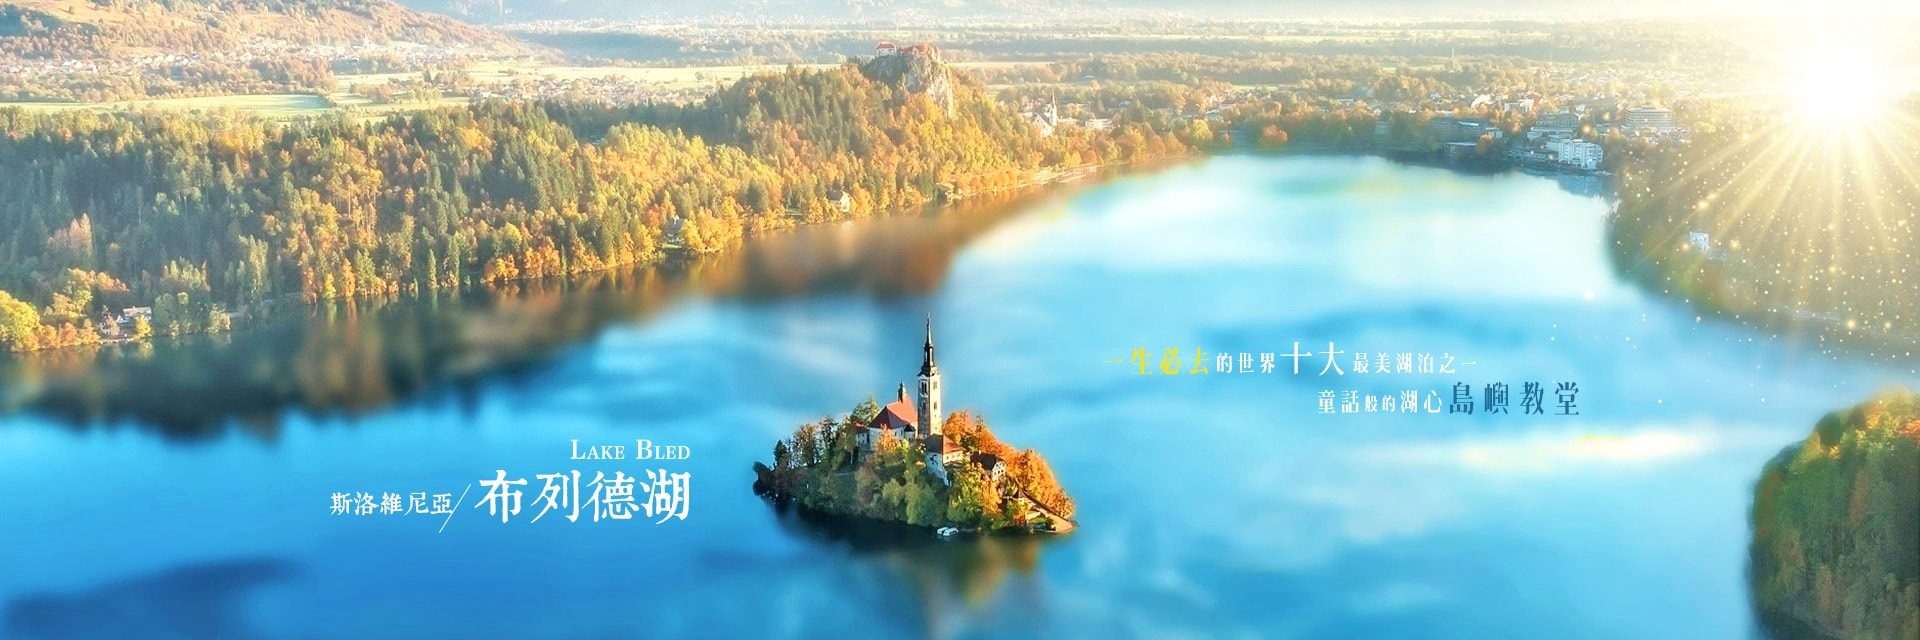 上順、斯洛維尼亞、主題旅遊